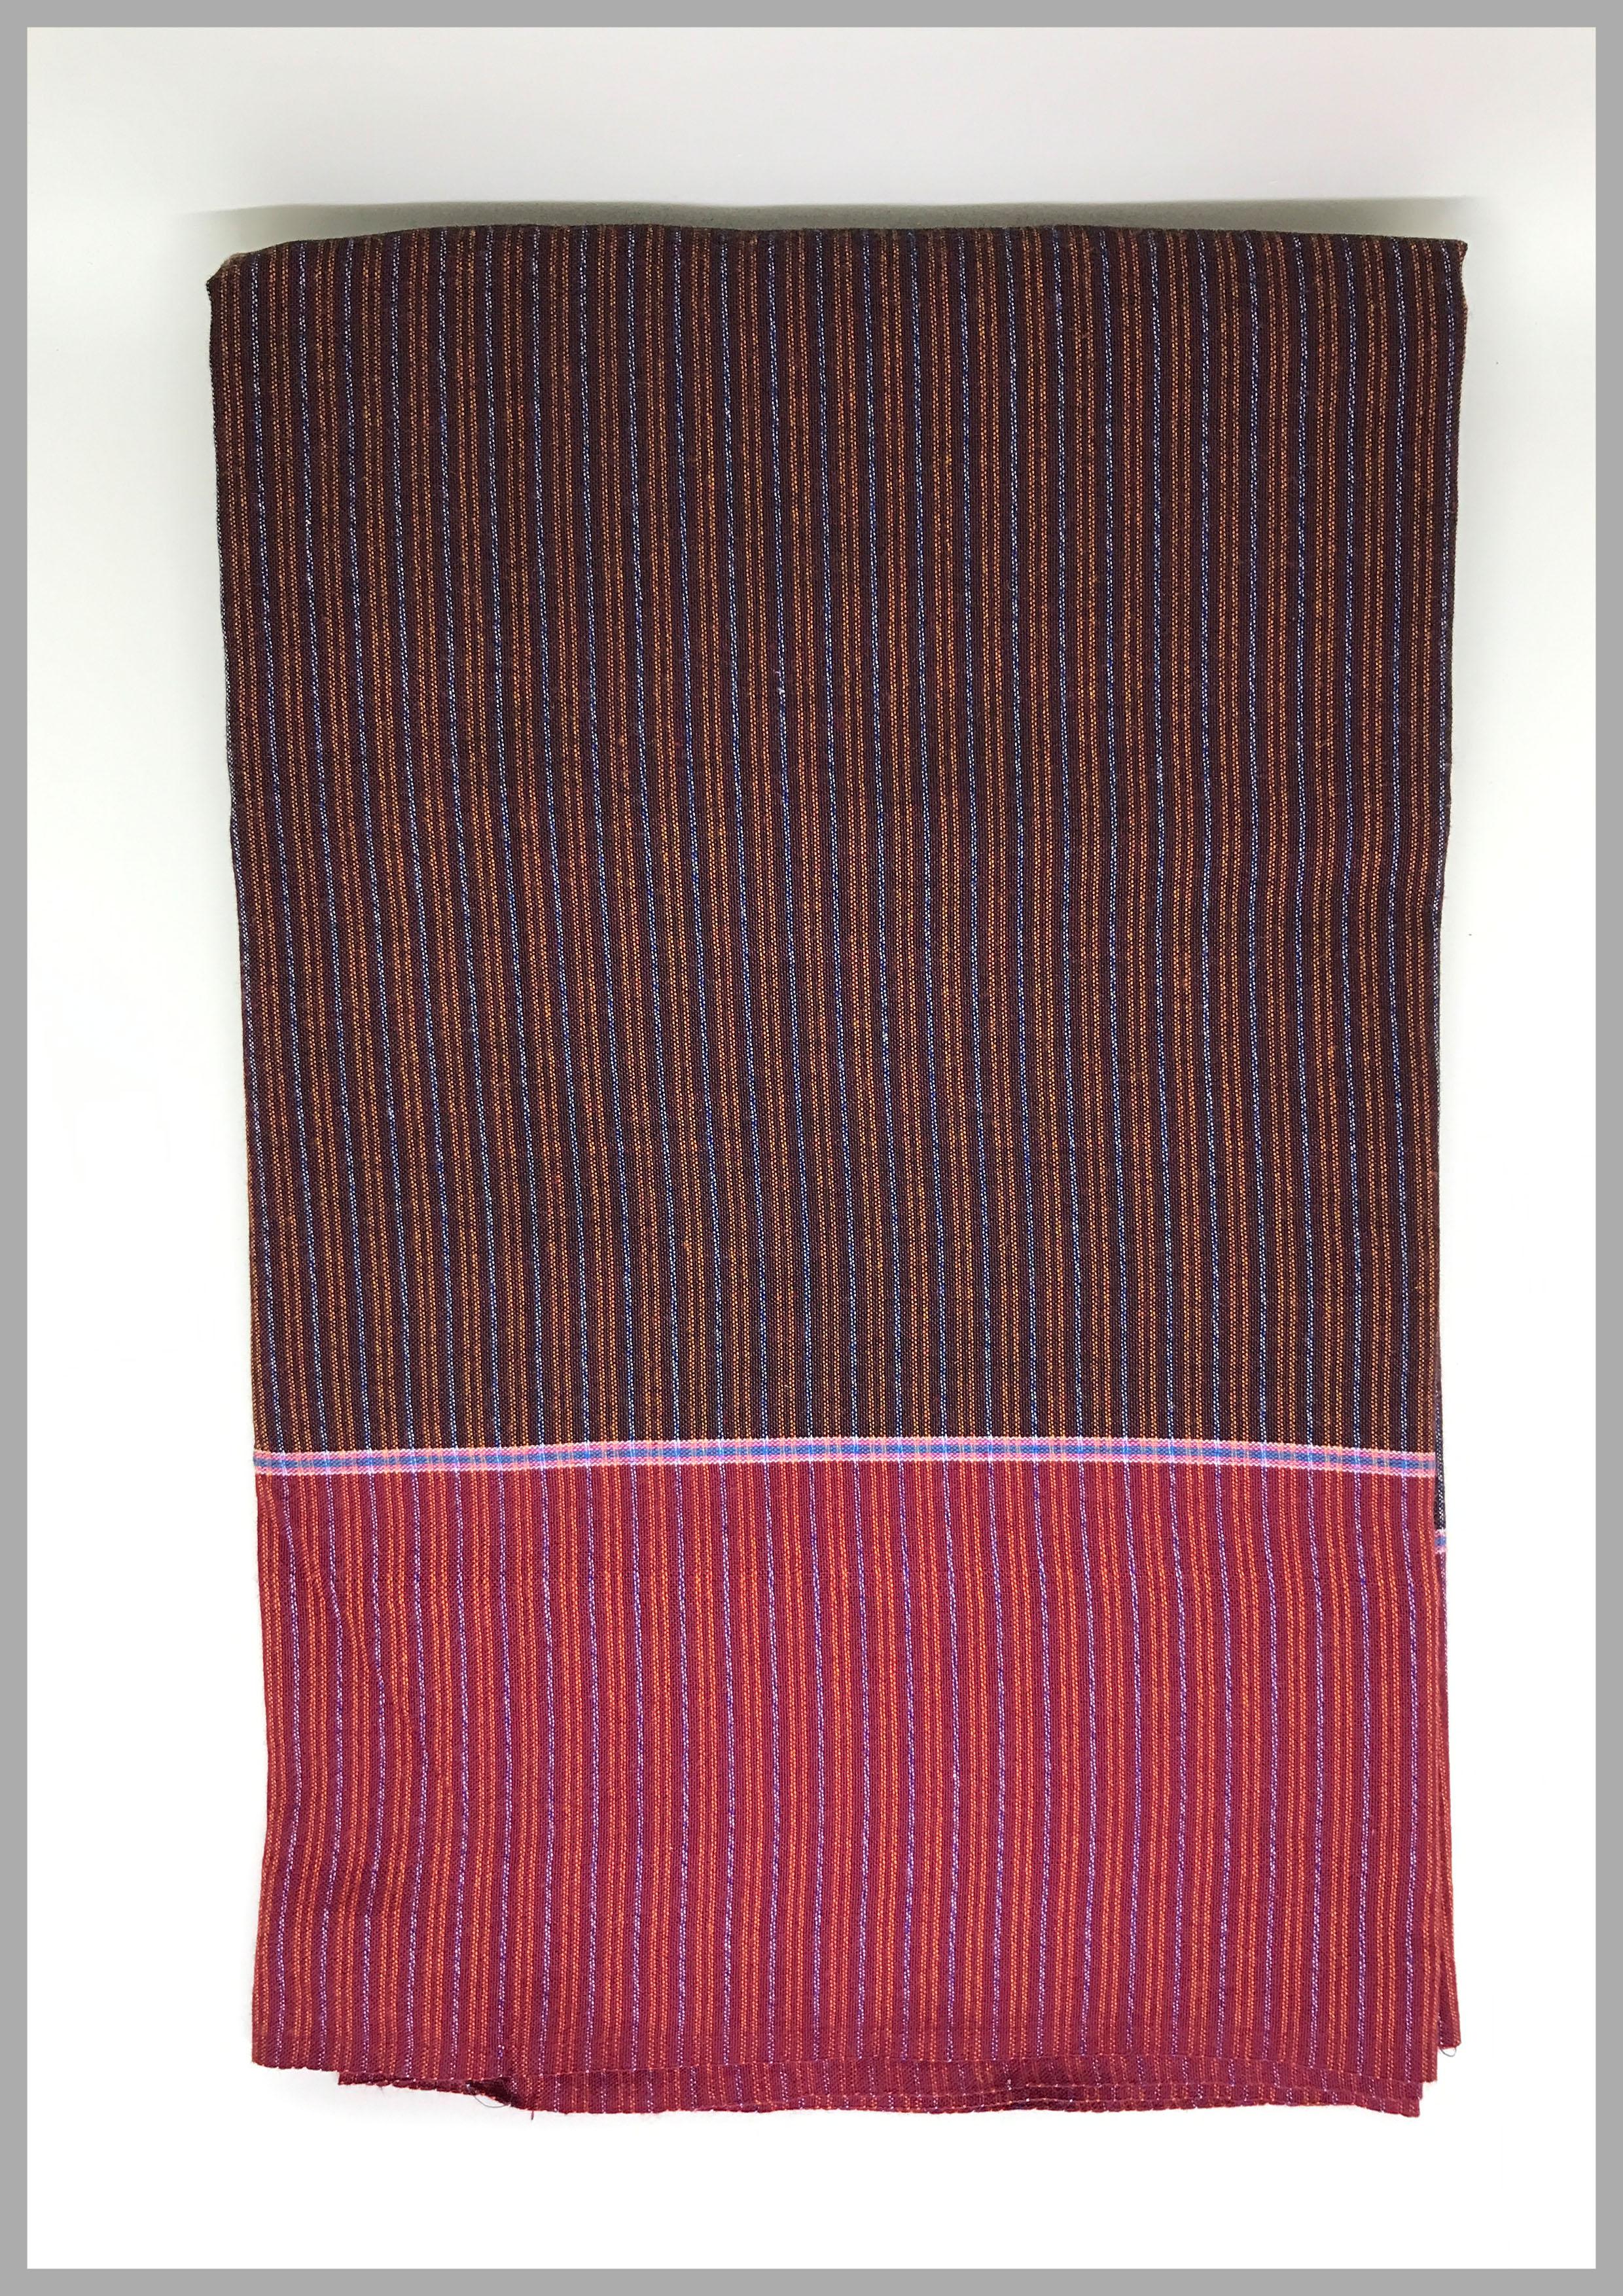 ผ้าถุงเขมรตีนแดง